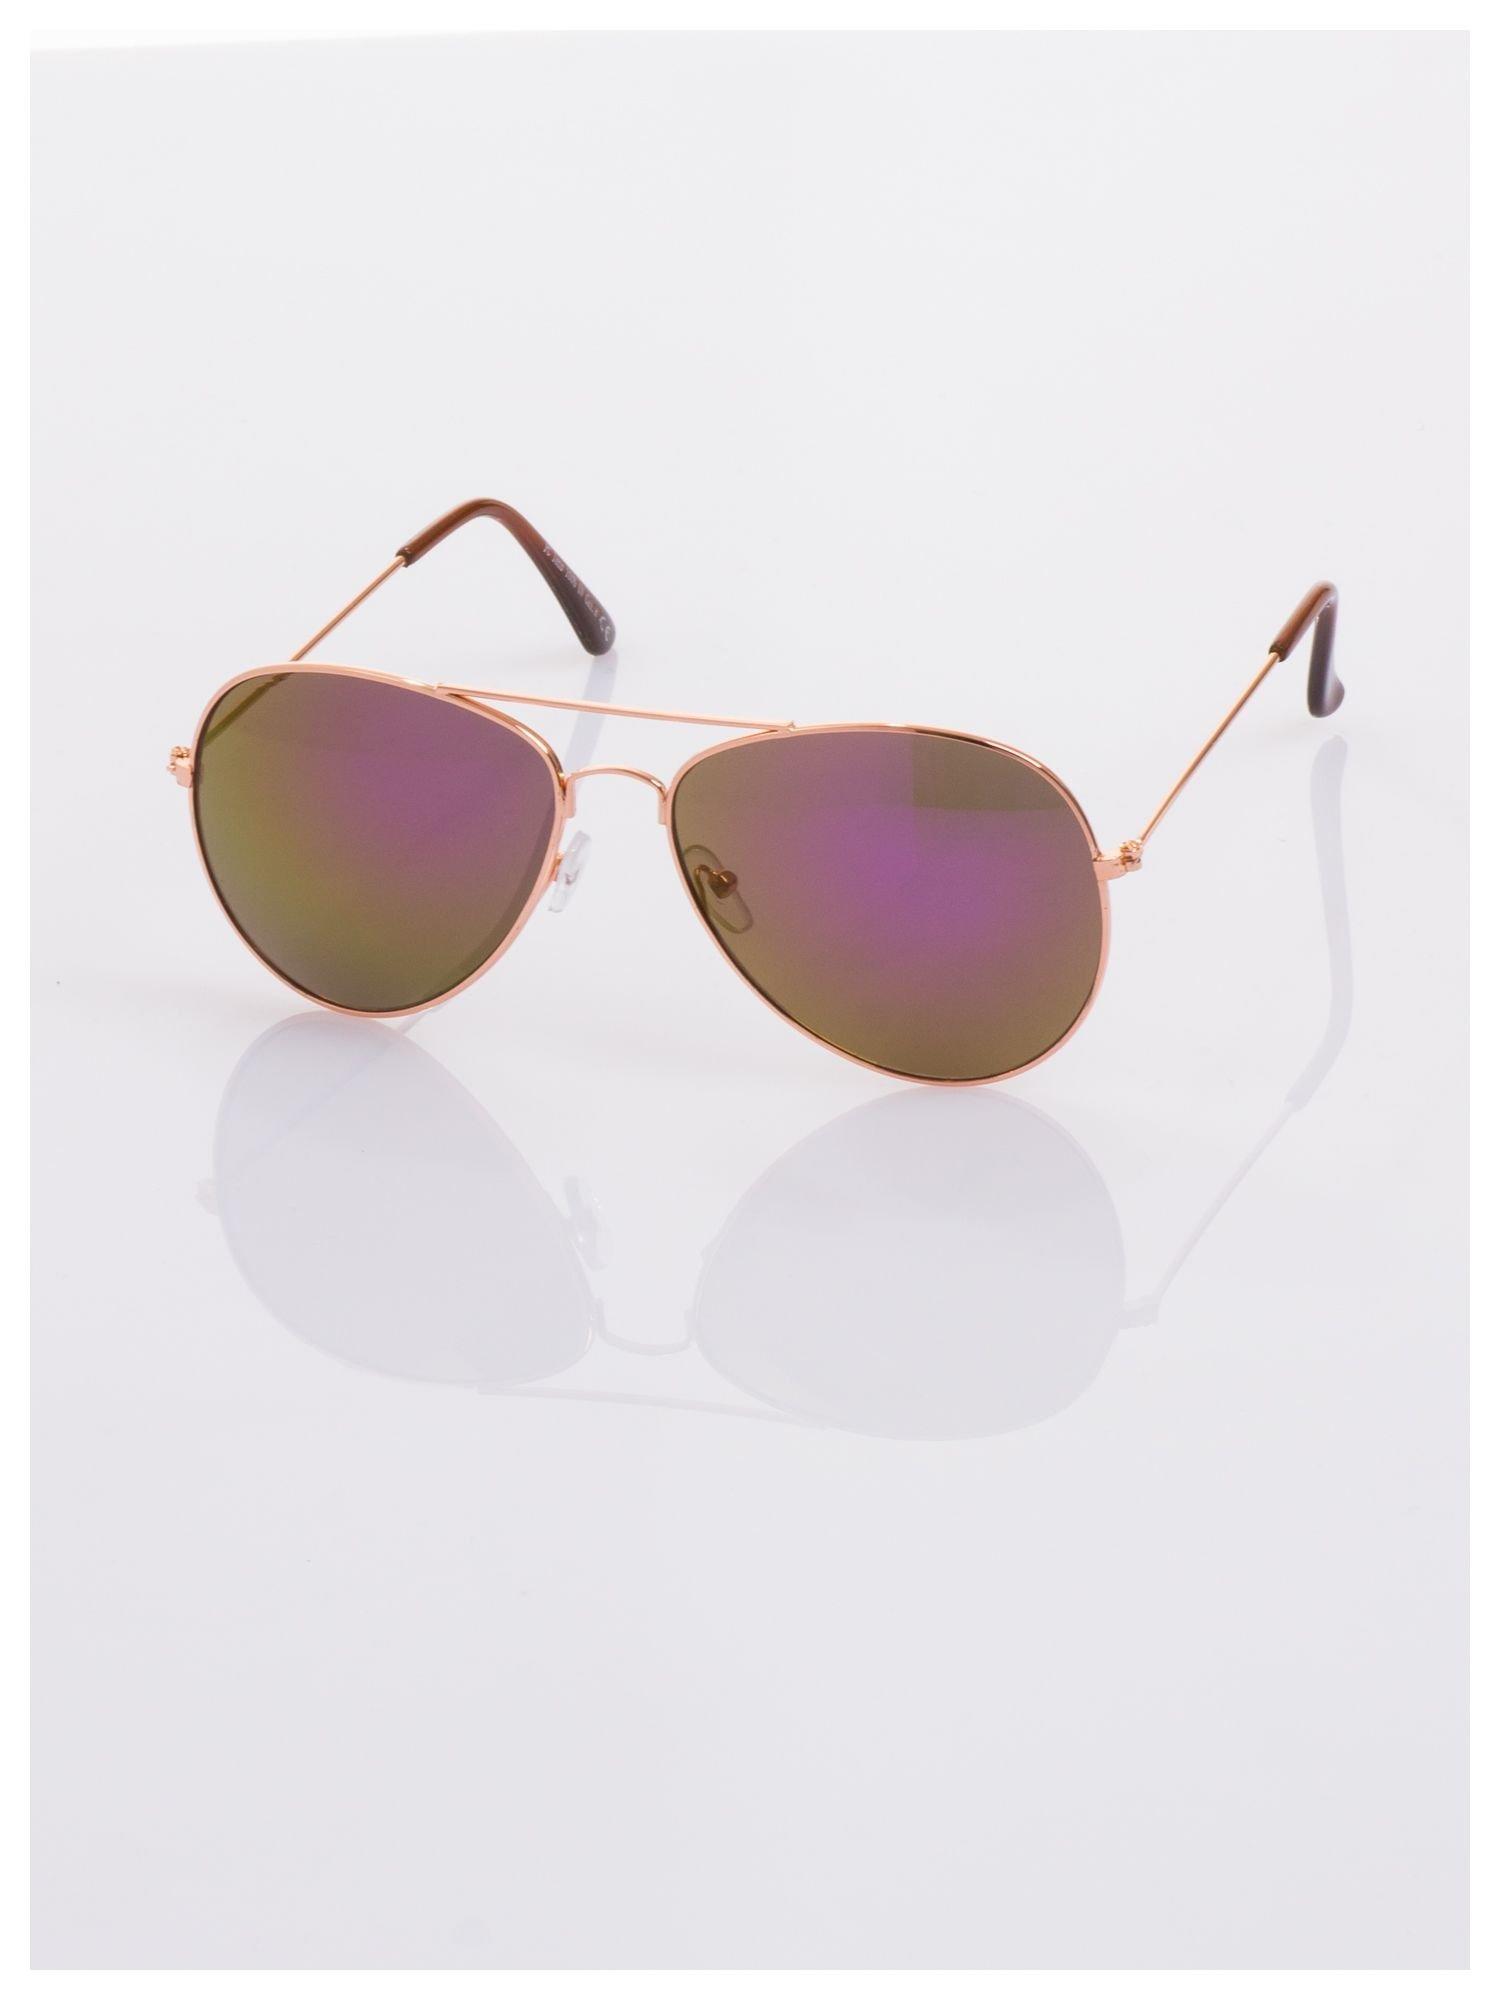 Fioletowe okulary przeciwsłoneczne pilotki AVIATORY                                  zdj.                                  1